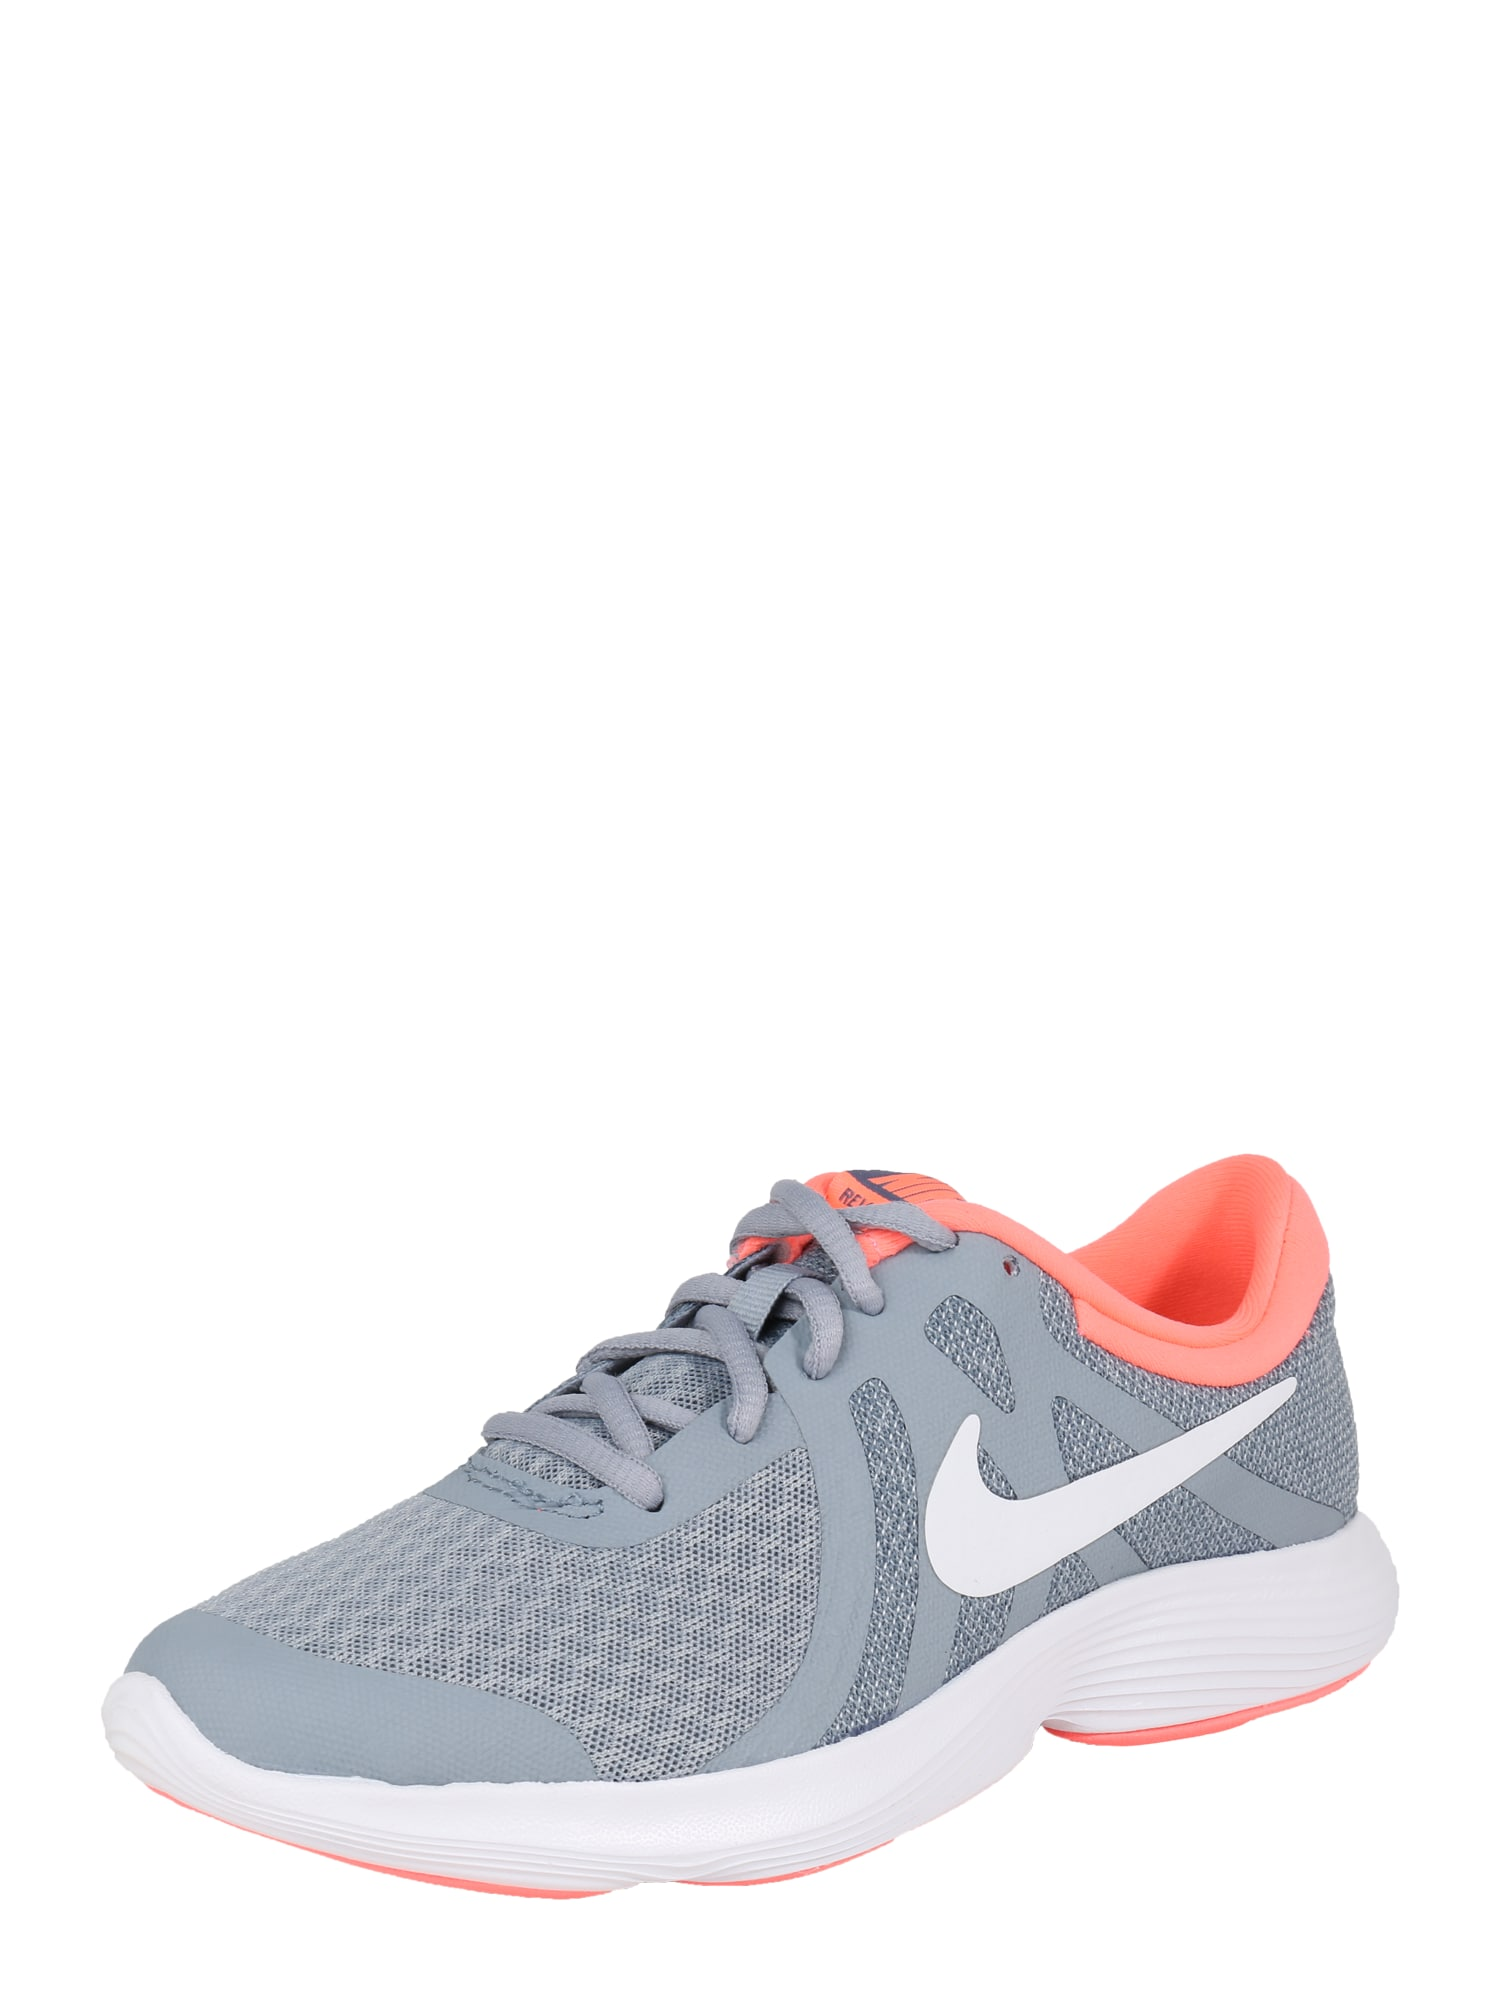 Sportovní boty Revolution 4  světle šedá  svítivě oranžová  bílá NIKE